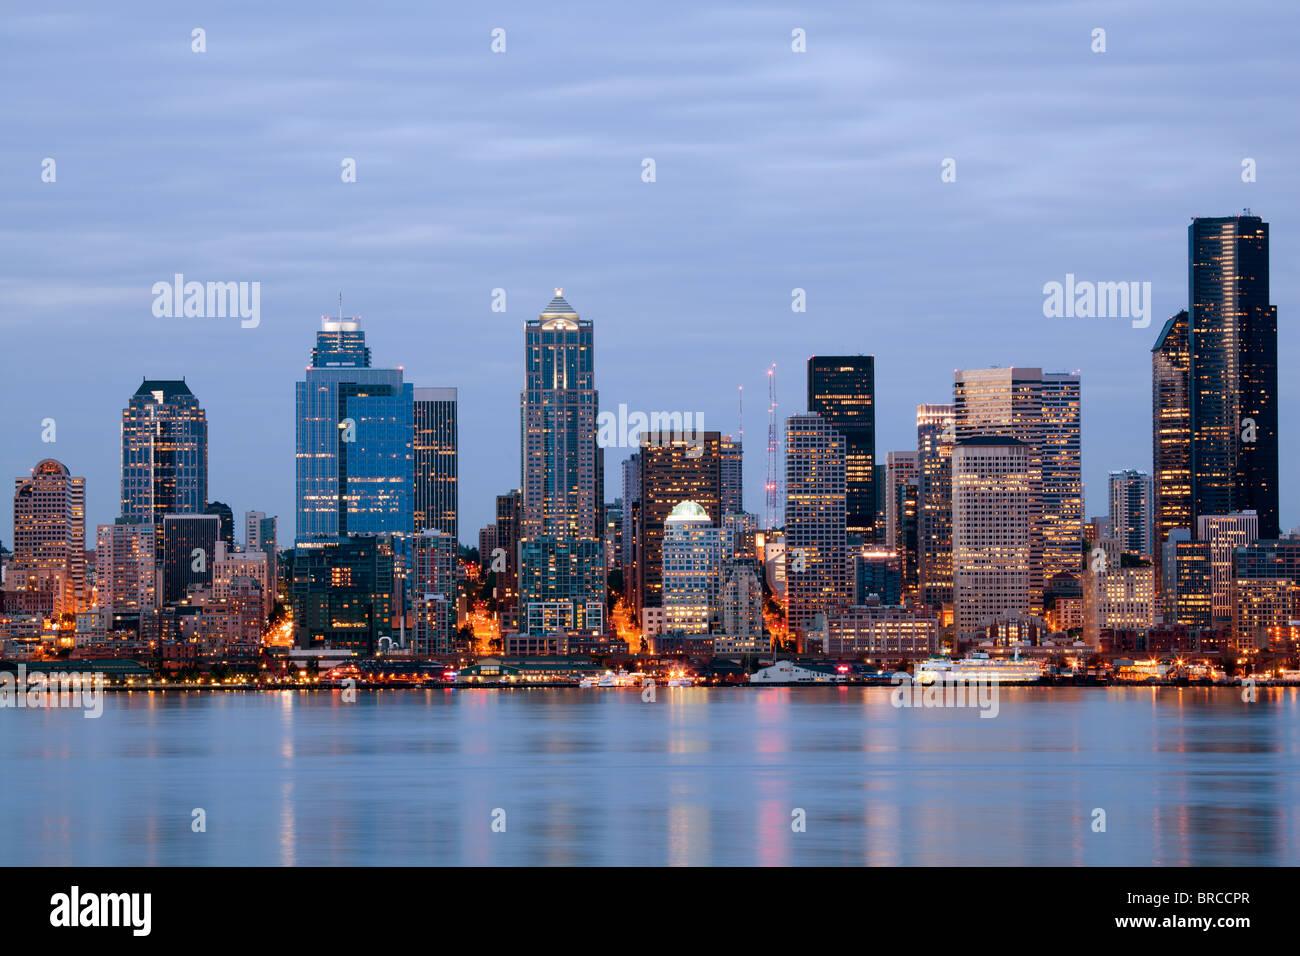 El horizonte de Seattle, Washington, EE.UU. Los edificios a lo largo de waterfront en penumbra. Imagen De Stock